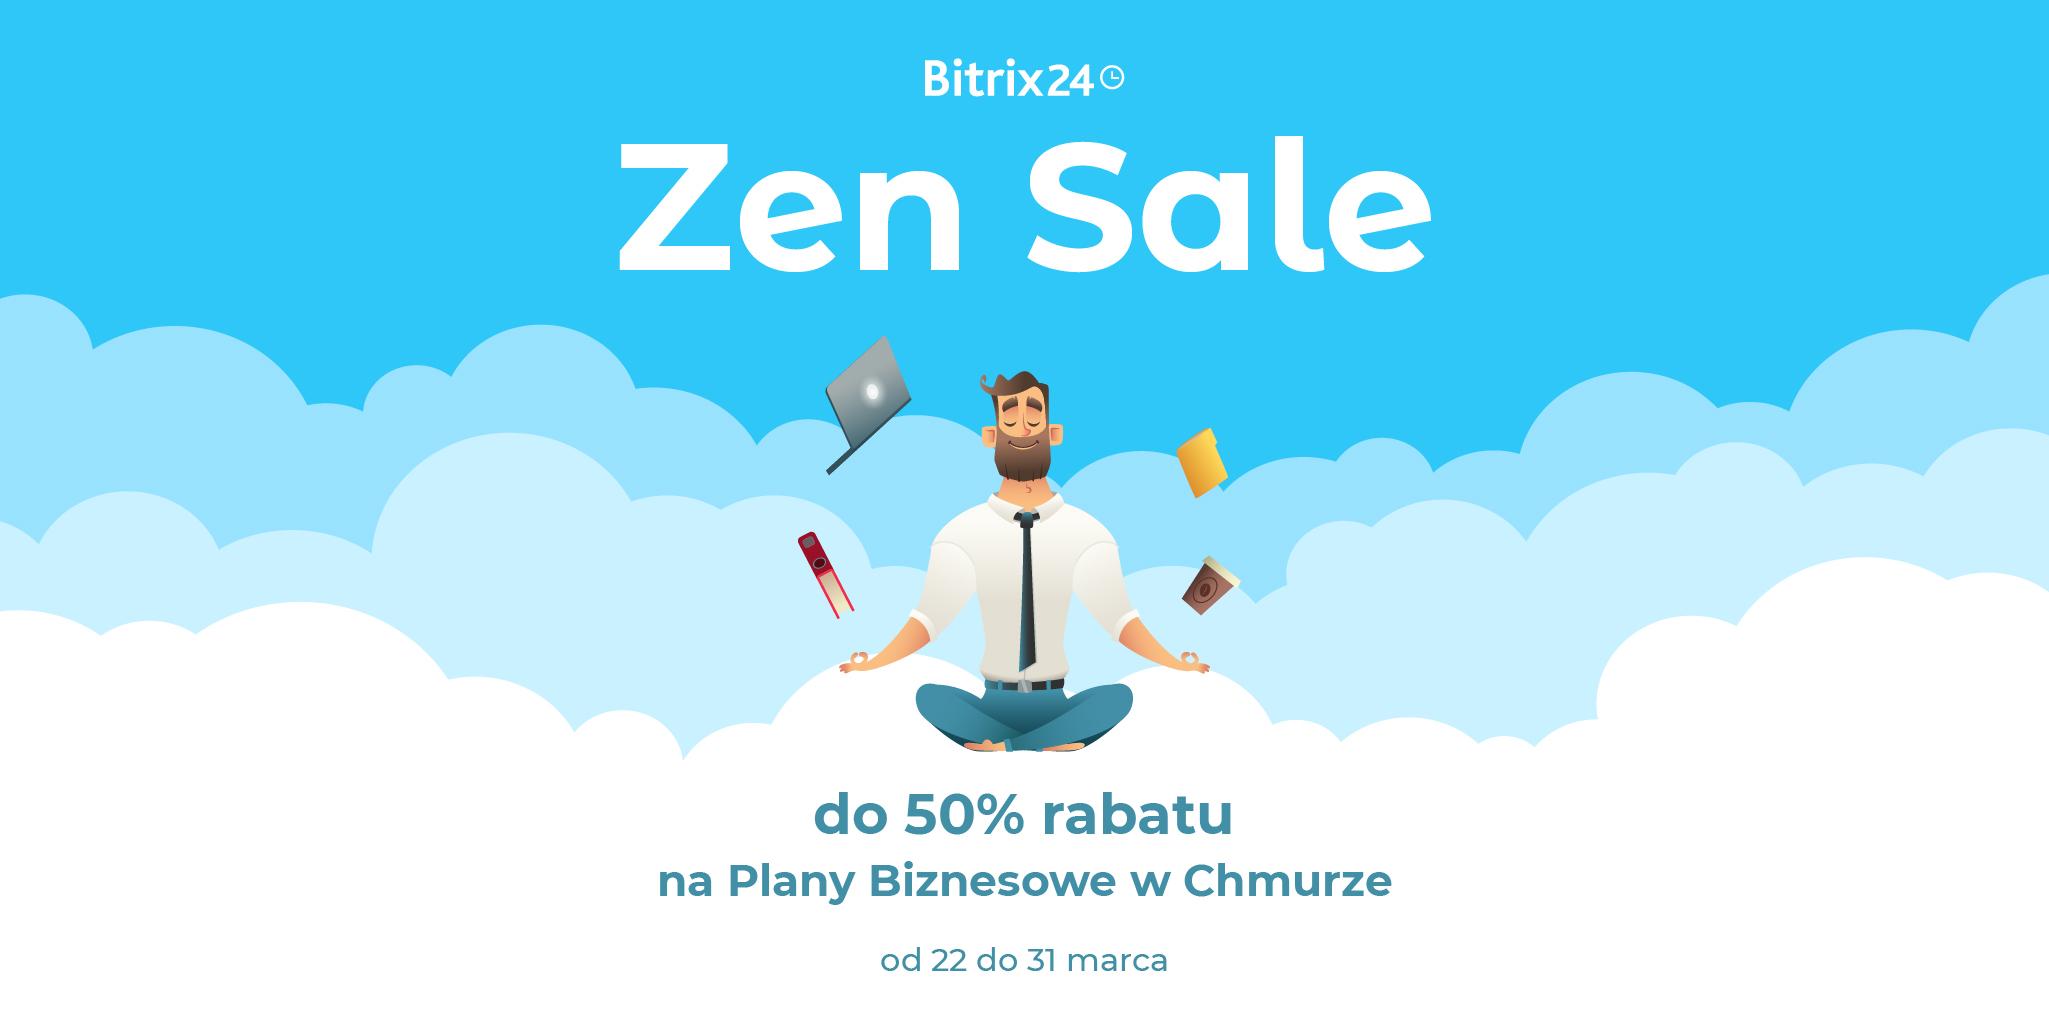 Bitrix24 promocja